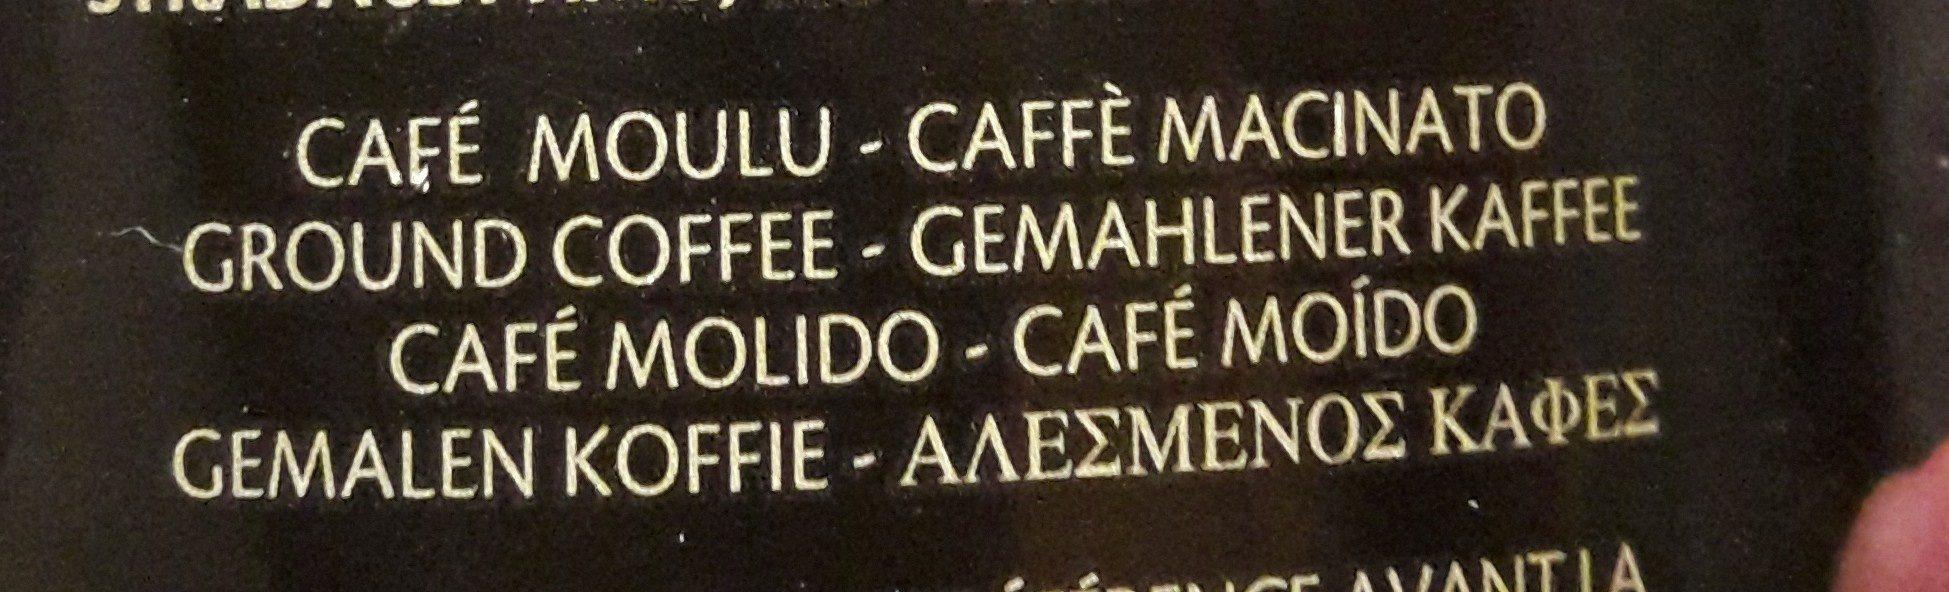 Boîte de café moulu 100% arabica. - Ingrédients - fr